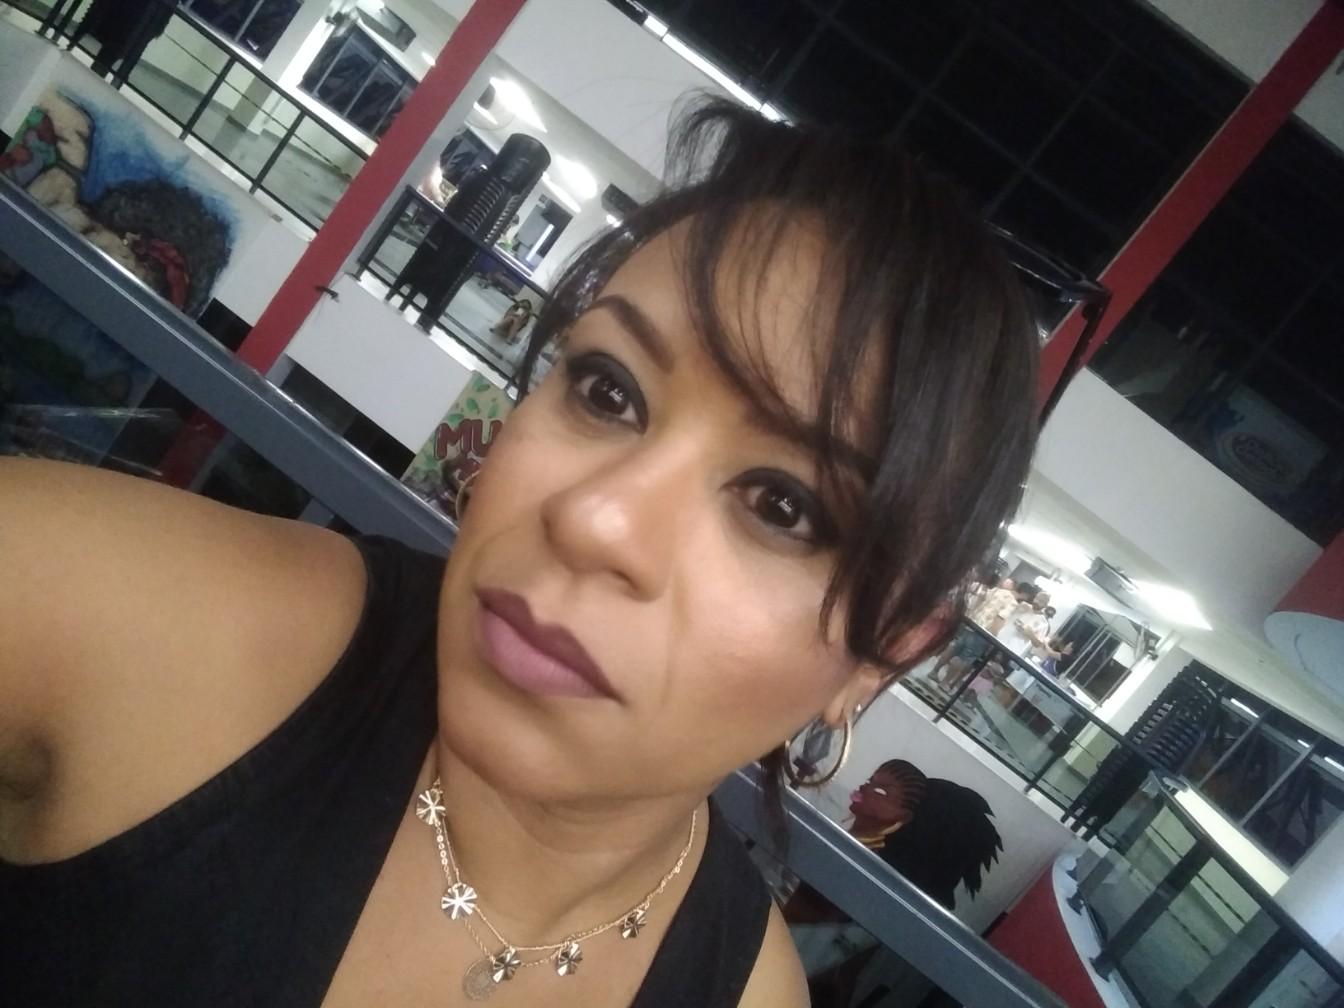 Lucimari Andréa de Souza Moreira Sobre o Carreira Beauty